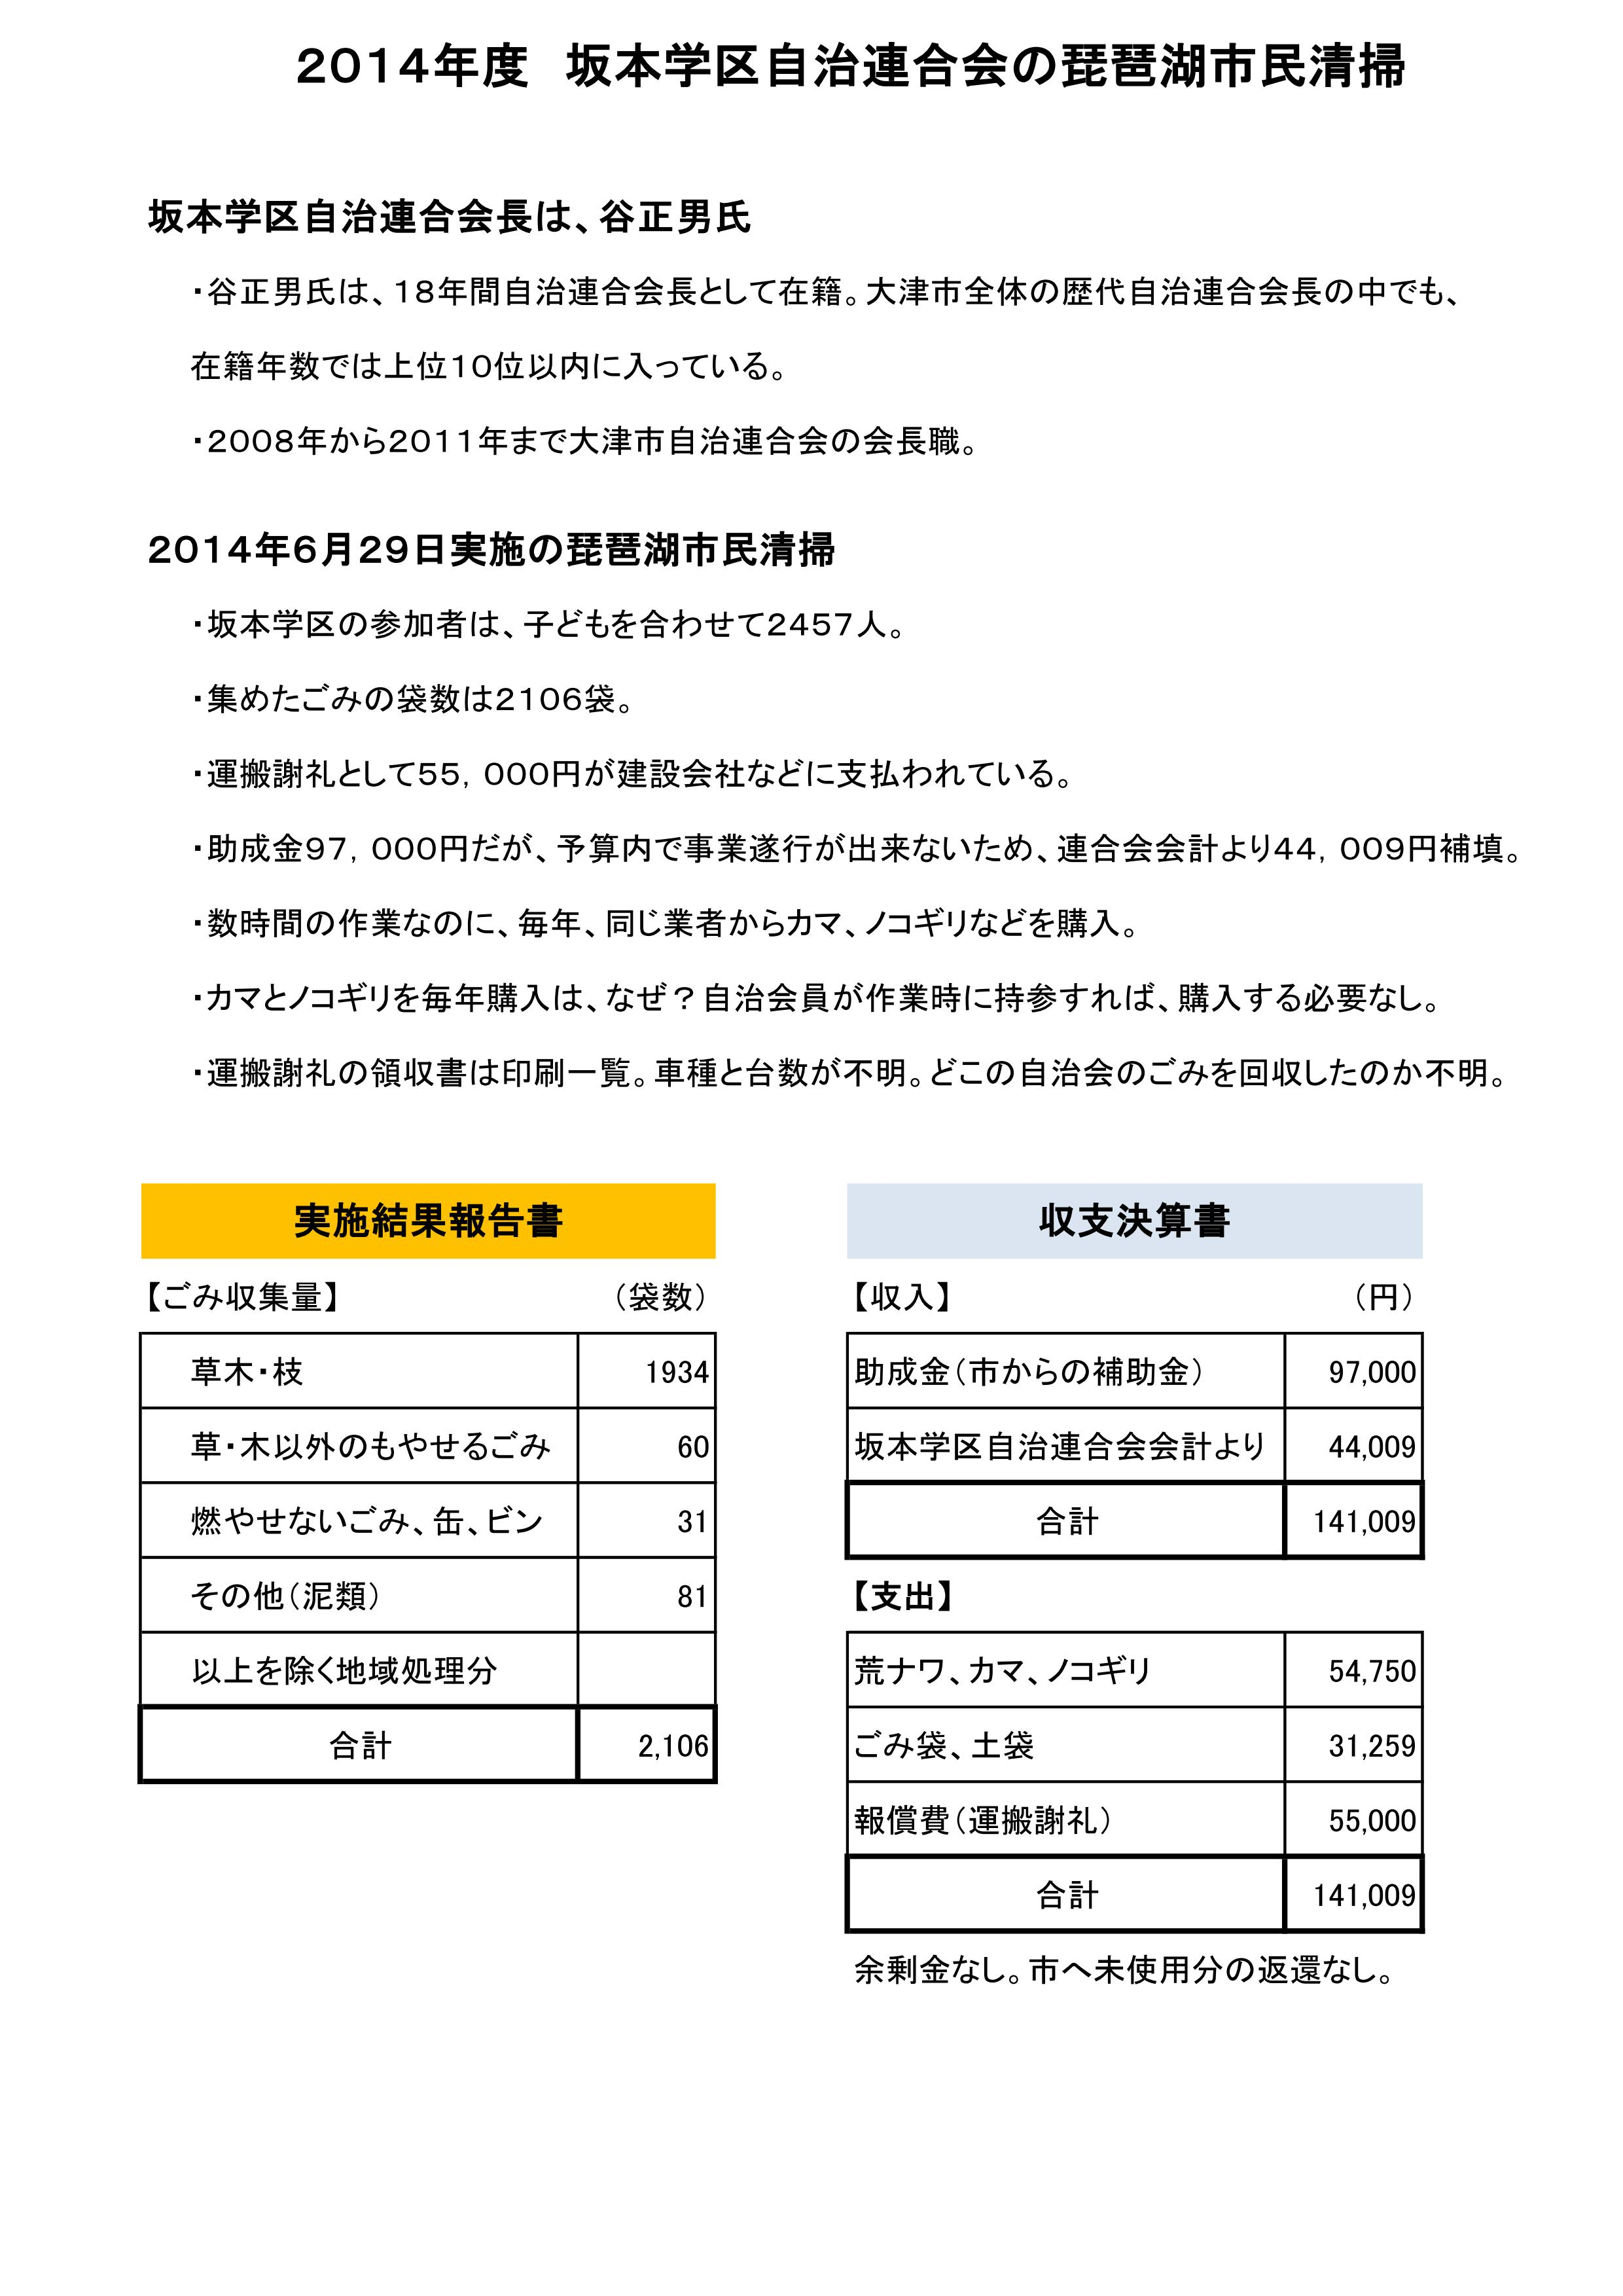 平成26年琵琶湖市民清掃(坂本)_01